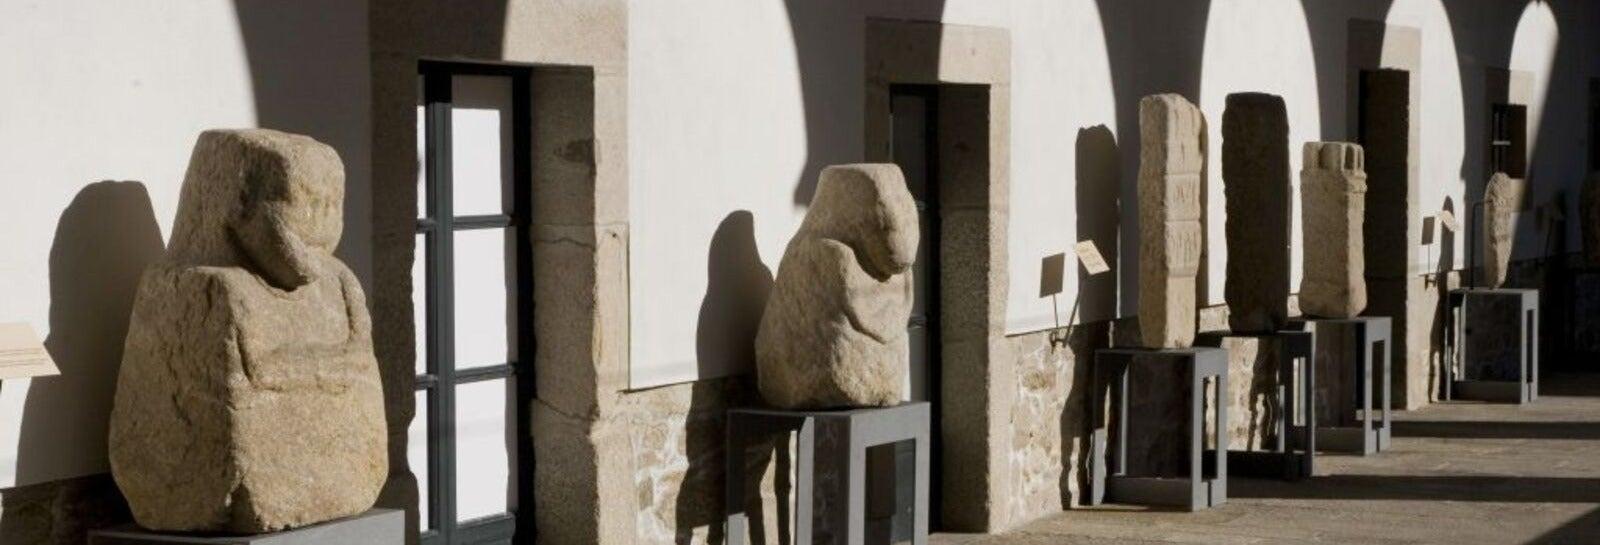 Pobo Galego Museum Tour